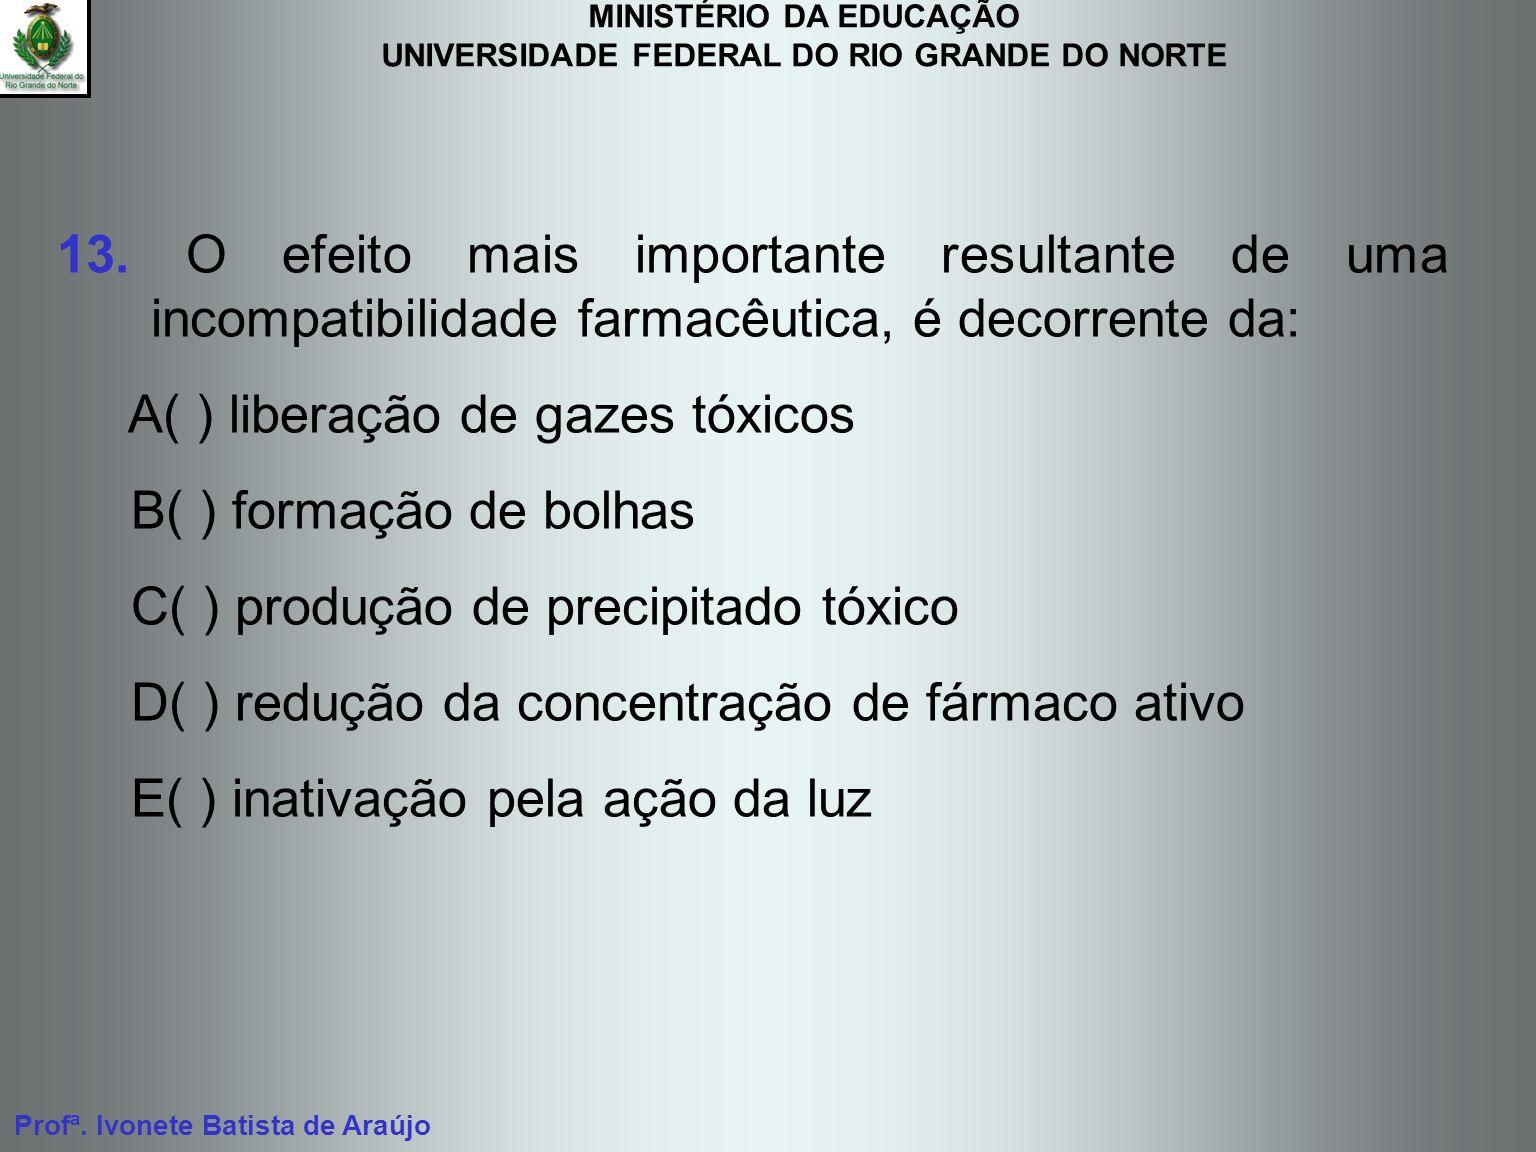 13. O efeito mais importante resultante de uma incompatibilidade farmacêutica, é decorrente da: